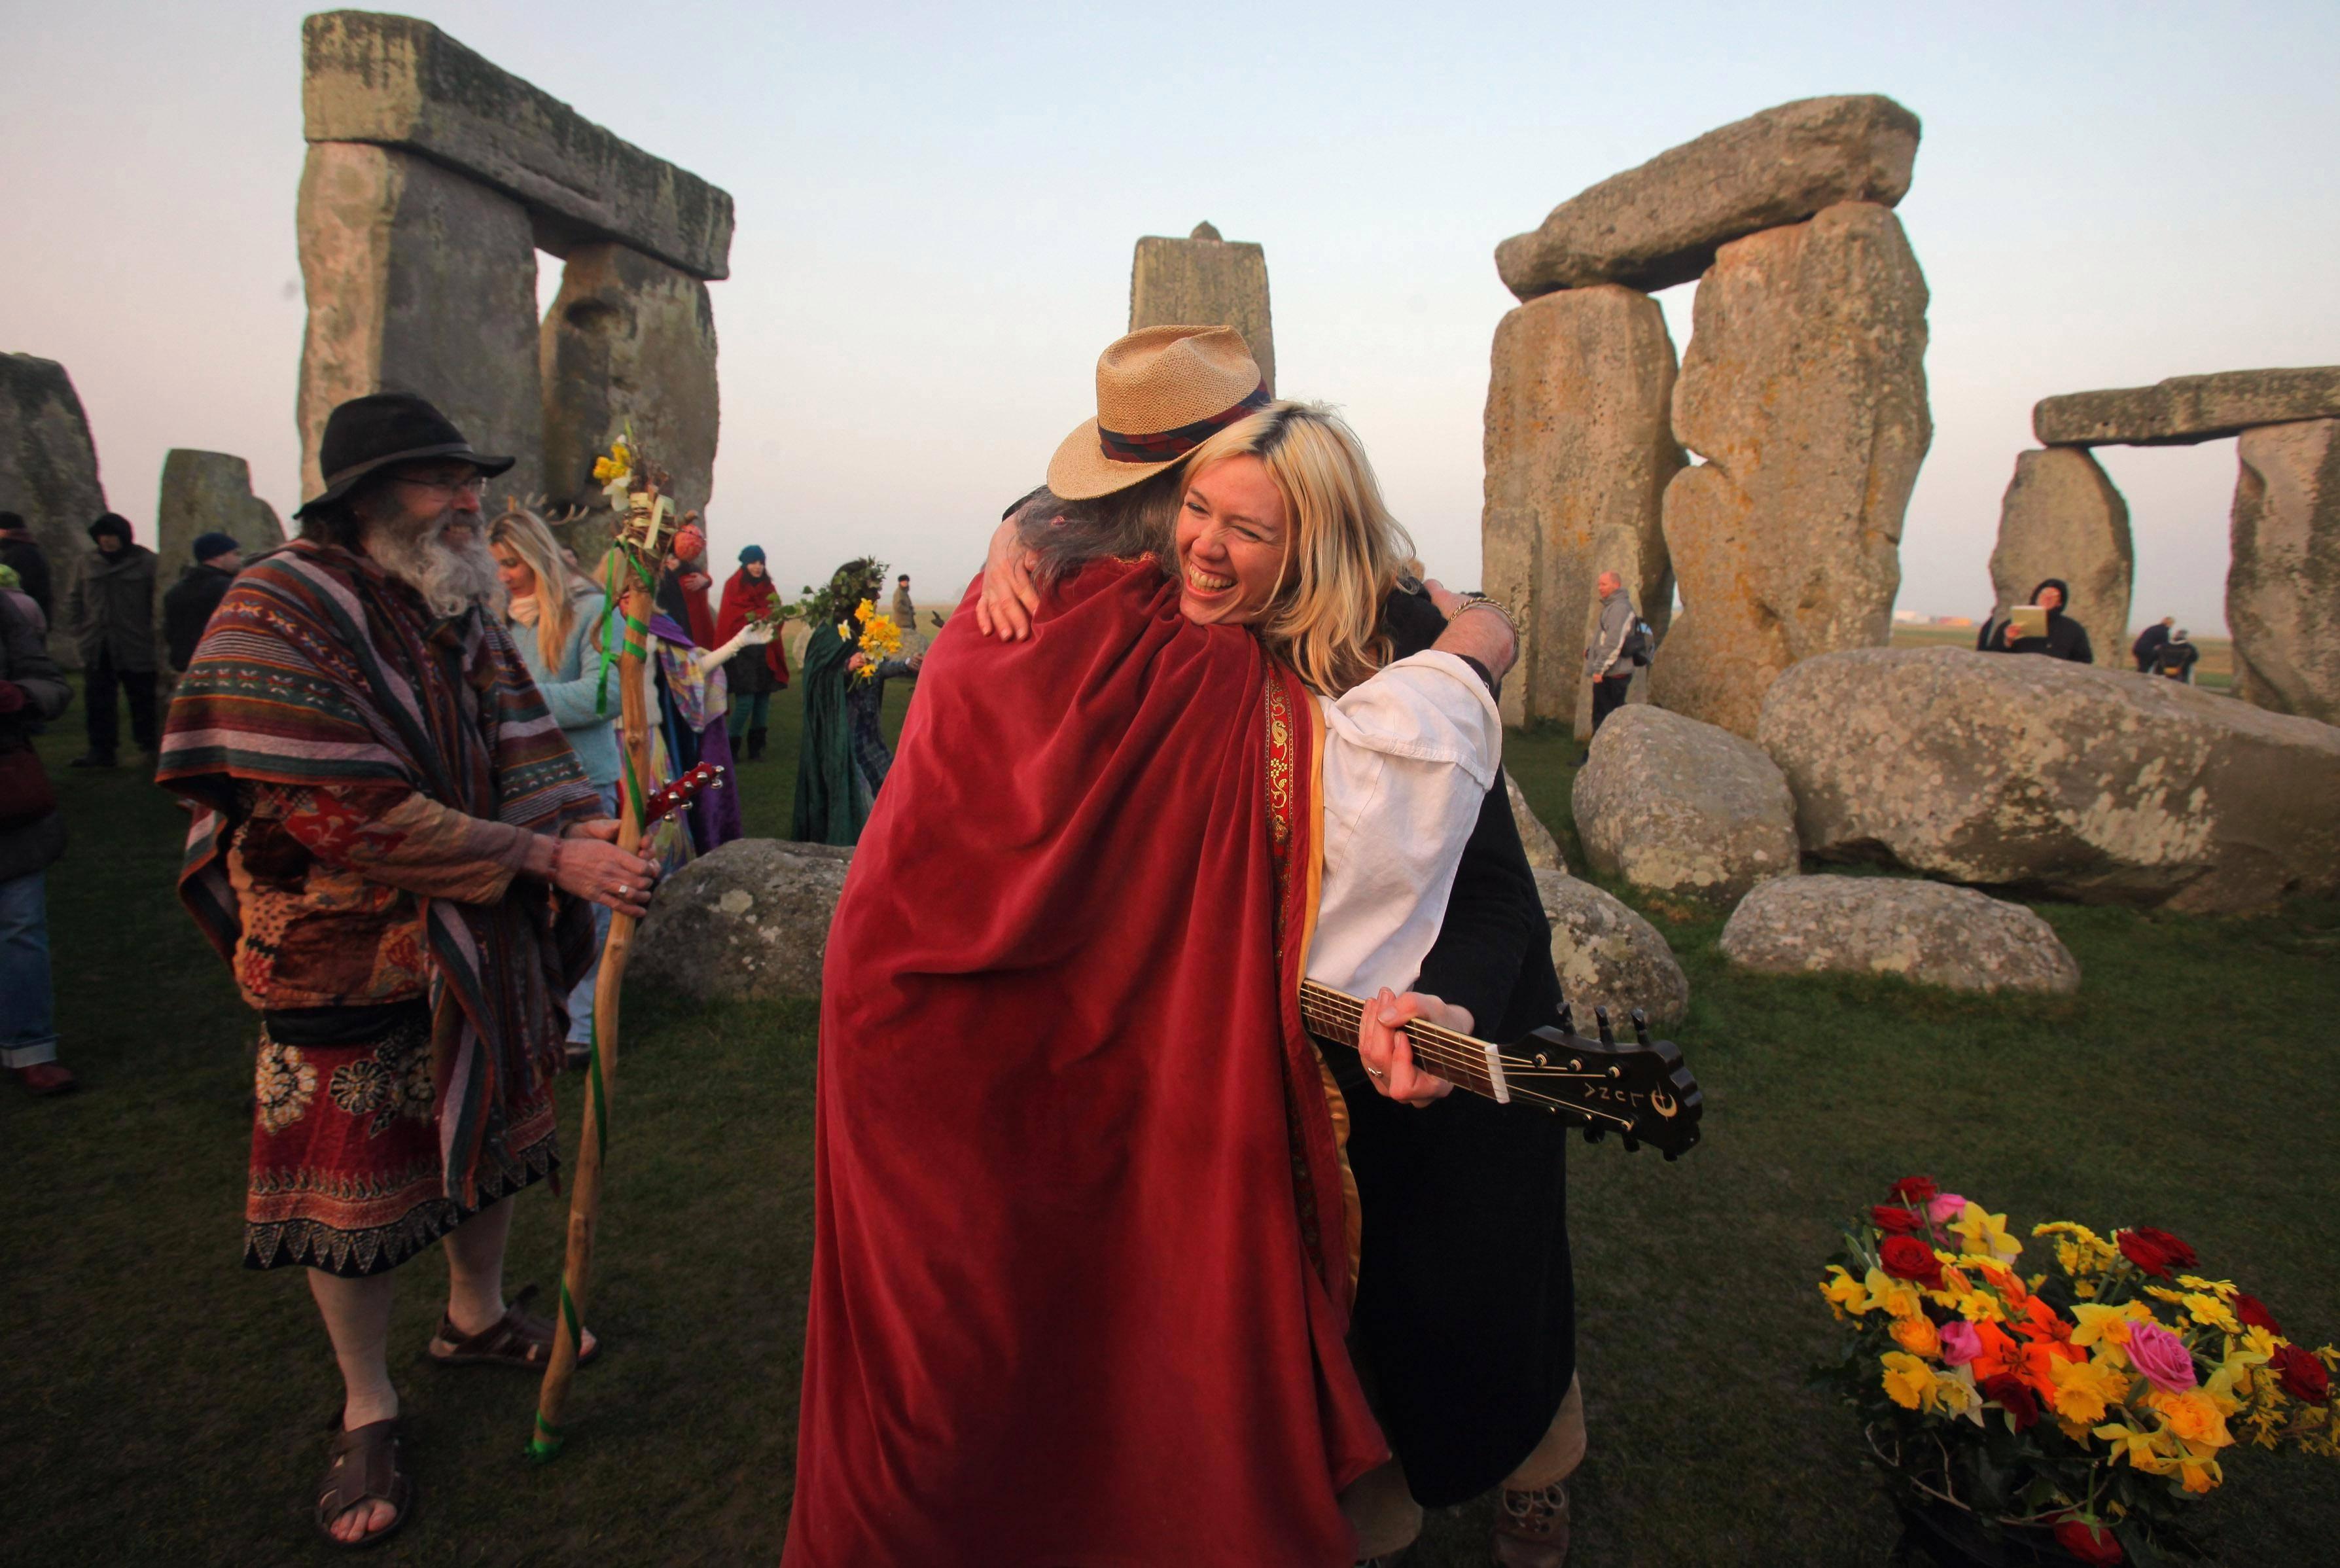 День весеннего равноденствия: ритуалы и обычаи этого дня